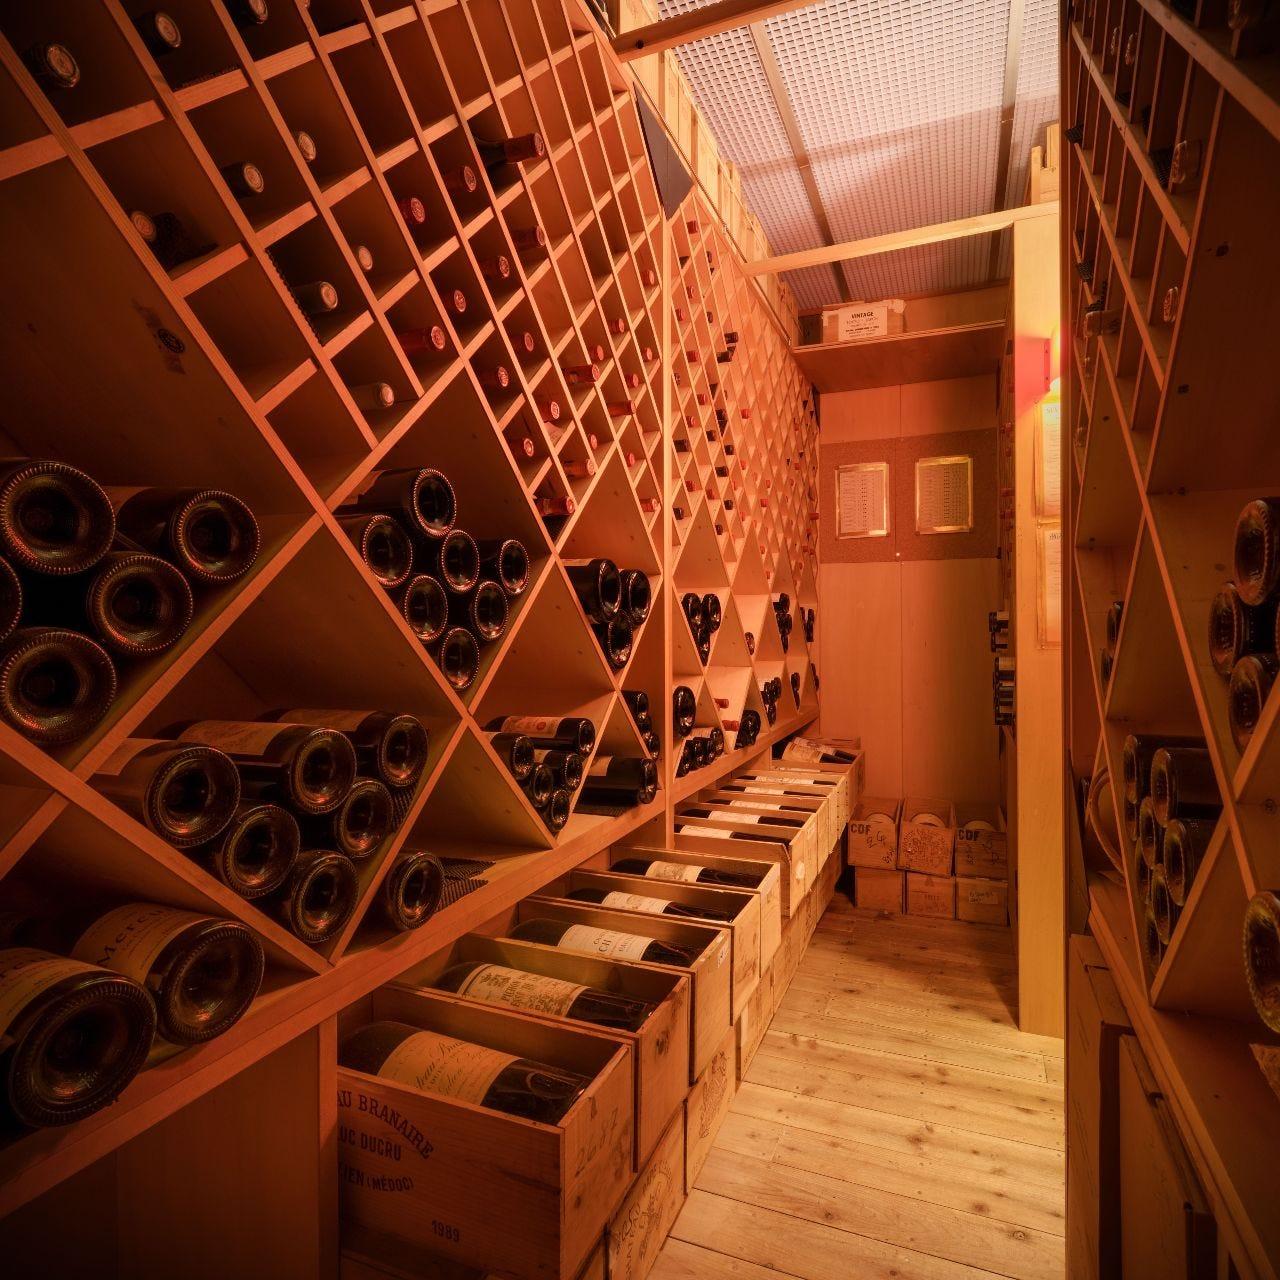 ソムリエセレクトのワインリスト